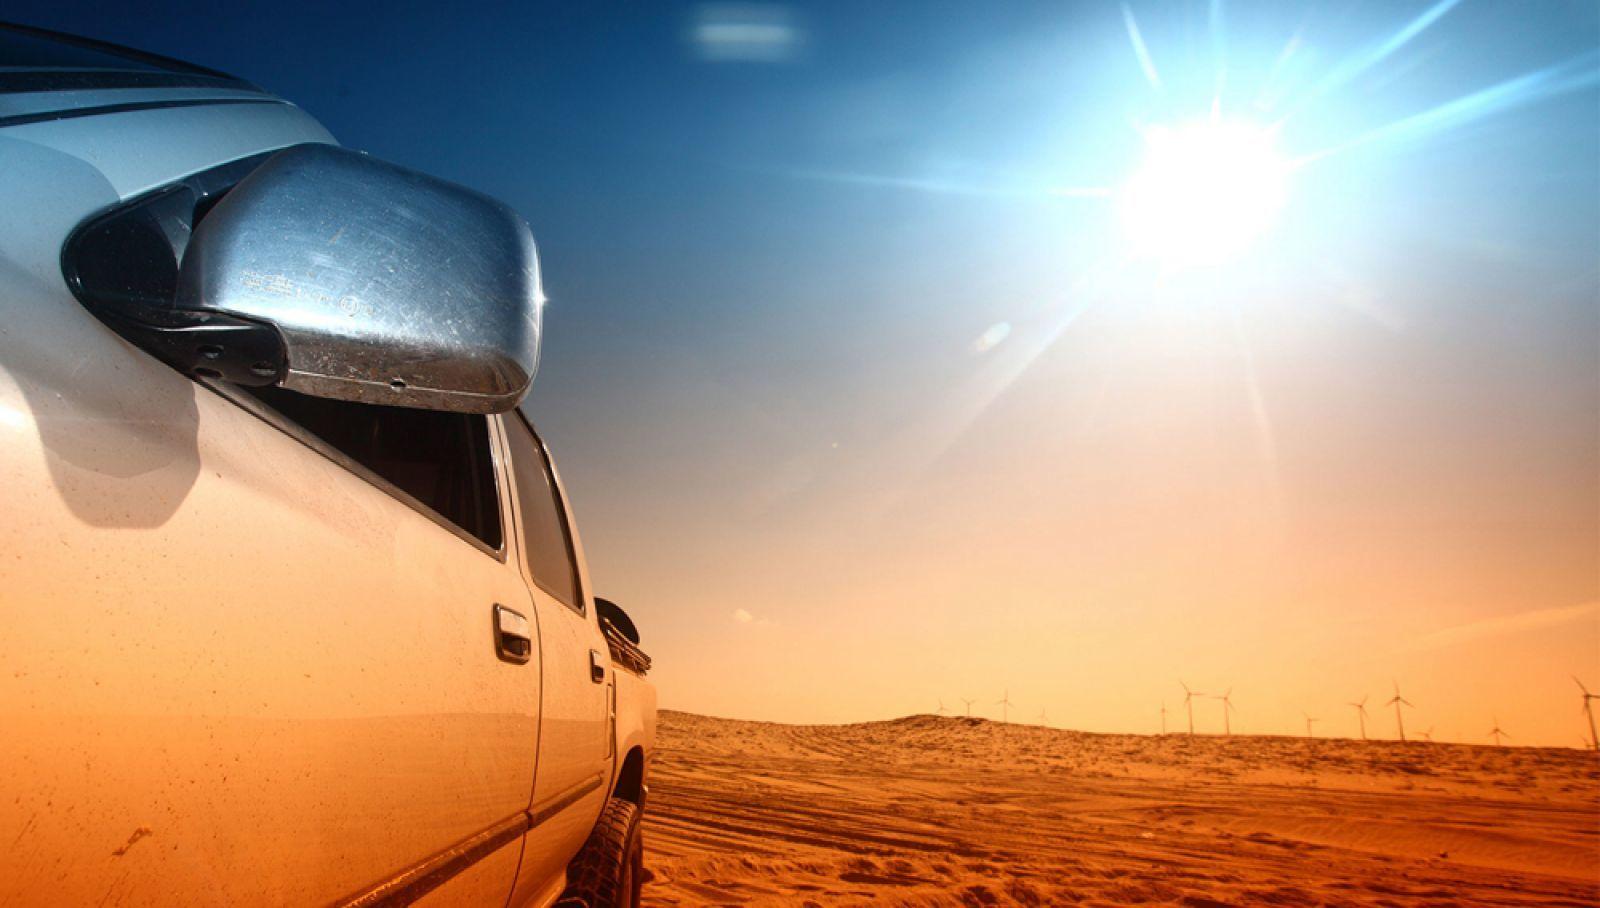 """Đỗ xe giữa trời nắng nóng, ô tô thiệt hại """"kinh khủng"""" thế nào? - Ảnh 2"""